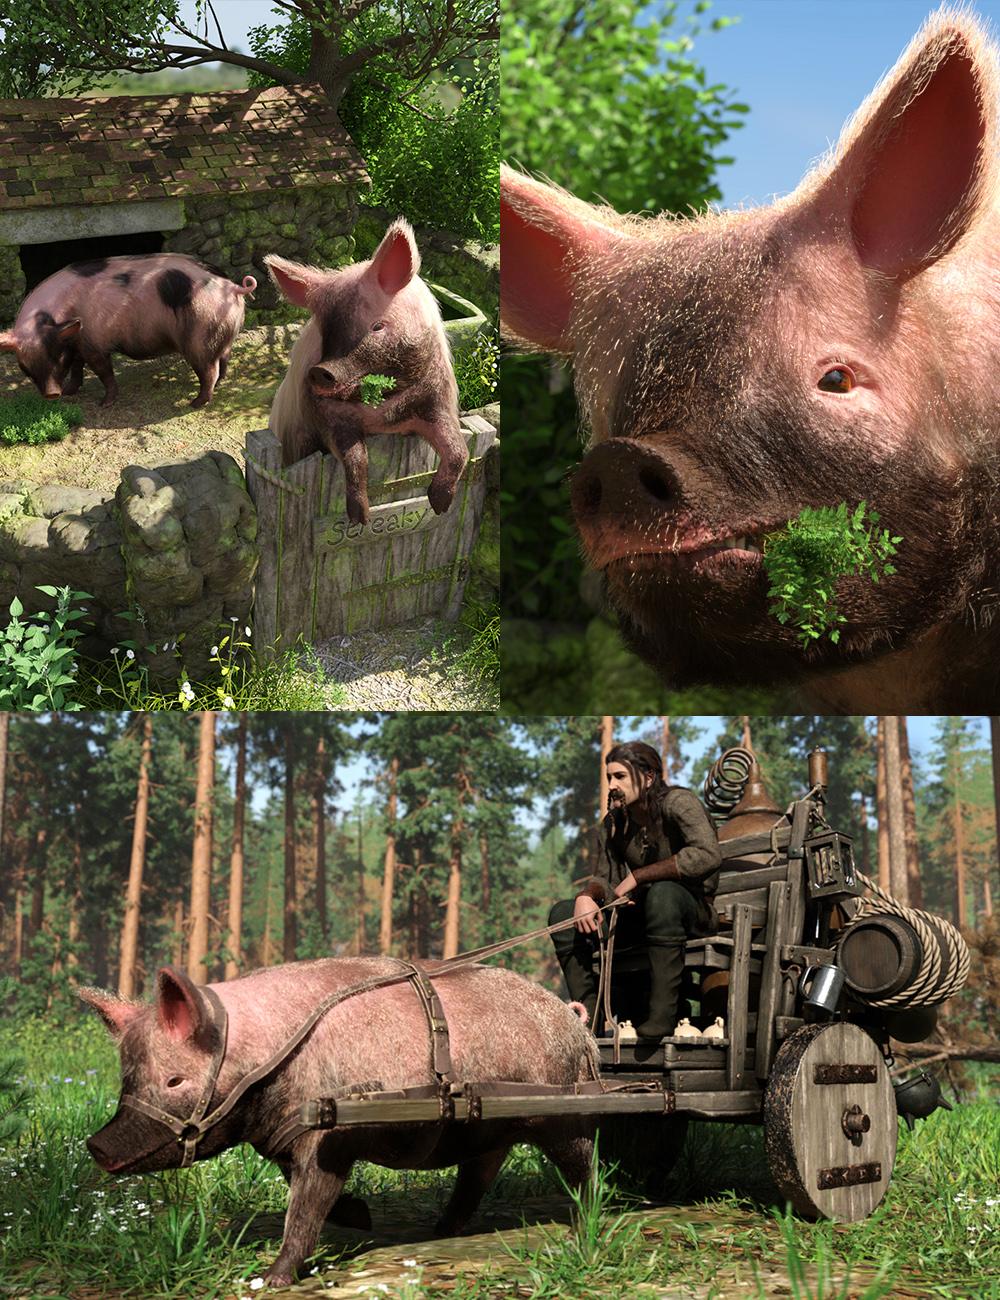 LoREZ Pig 2 Bundle by: Predatron, 3D Models by Daz 3D